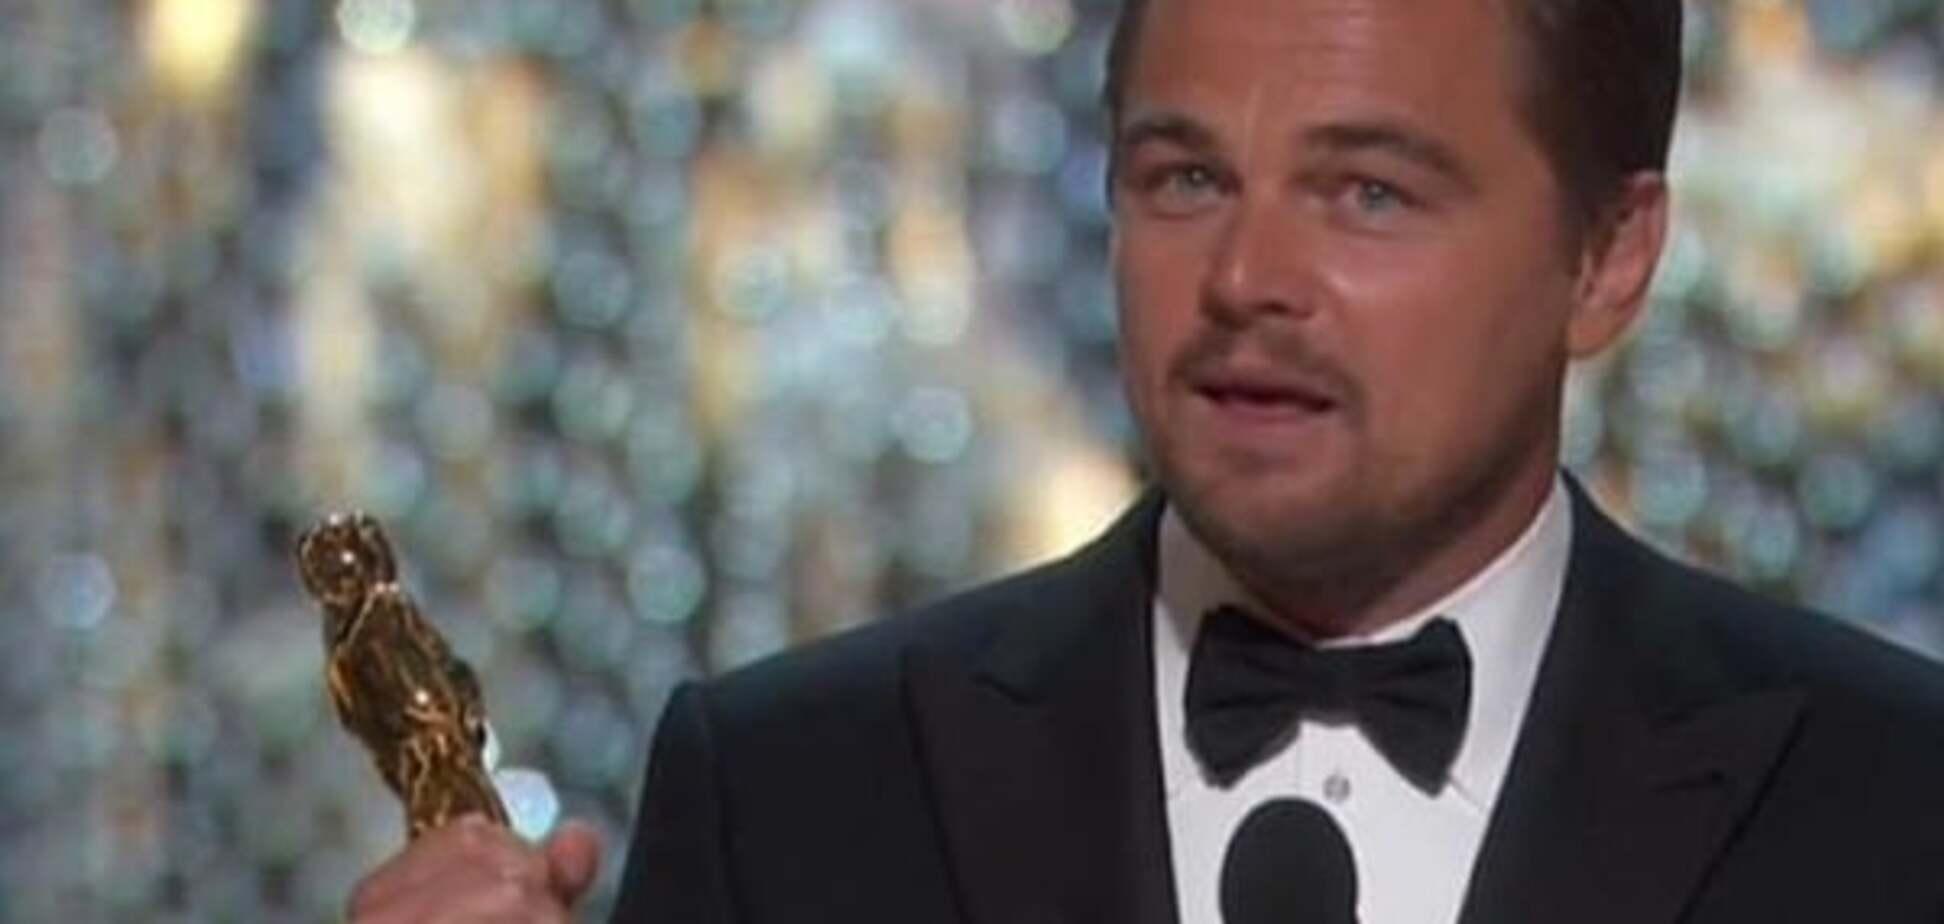 Лео отримав 'Оскар-2016' у високосний рік: реакція соцмереж